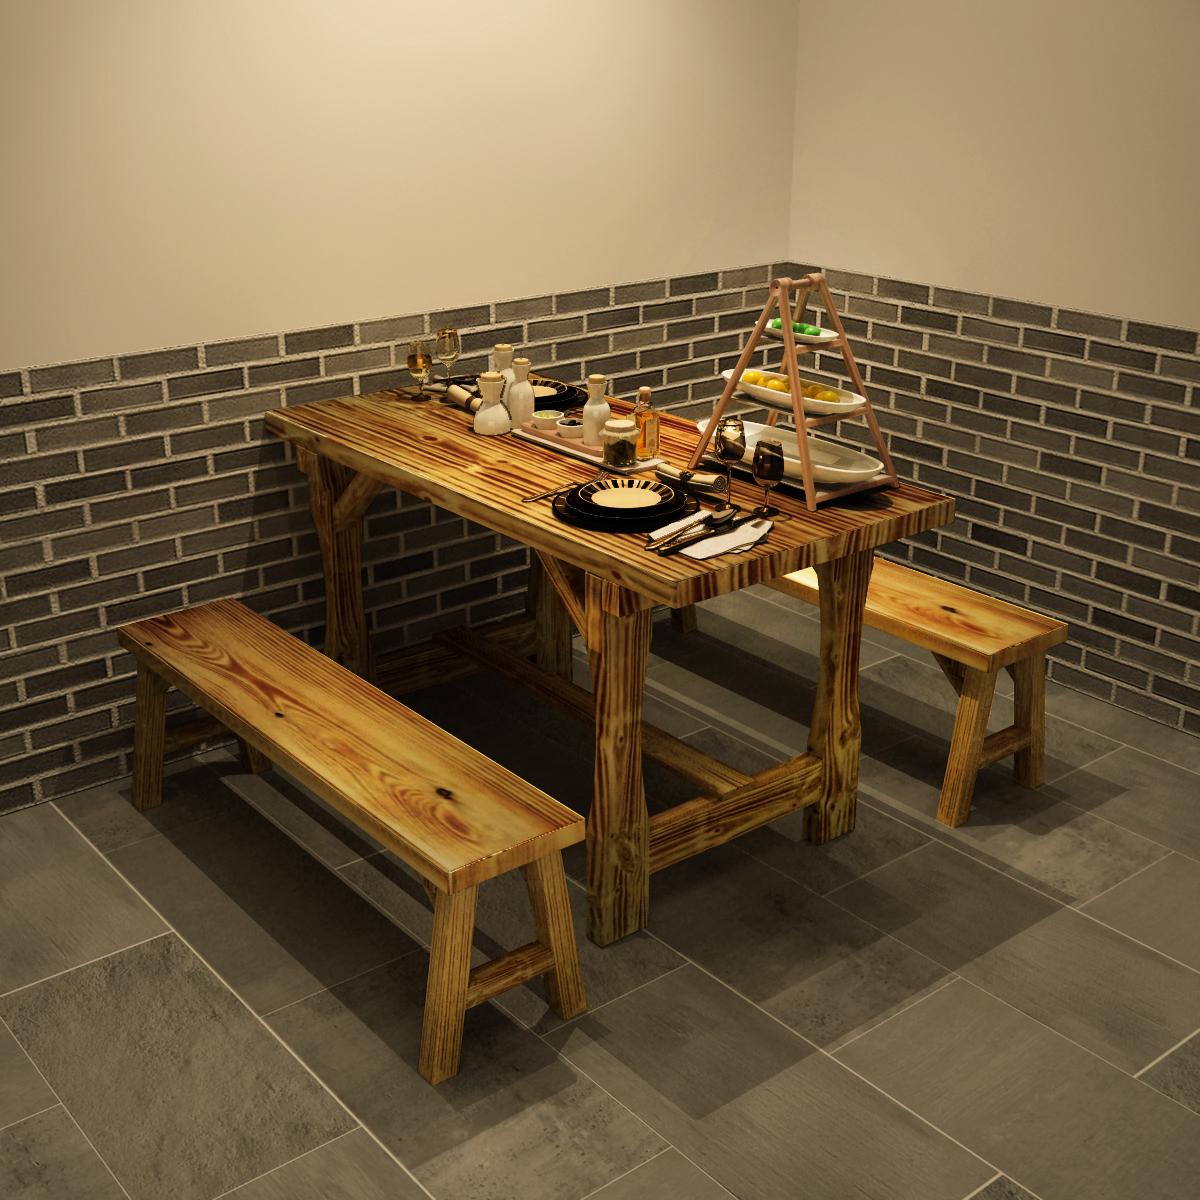 加厚饭店实木餐桌小吃店大排档面馆餐桌椅子快餐店桌子椅子组合